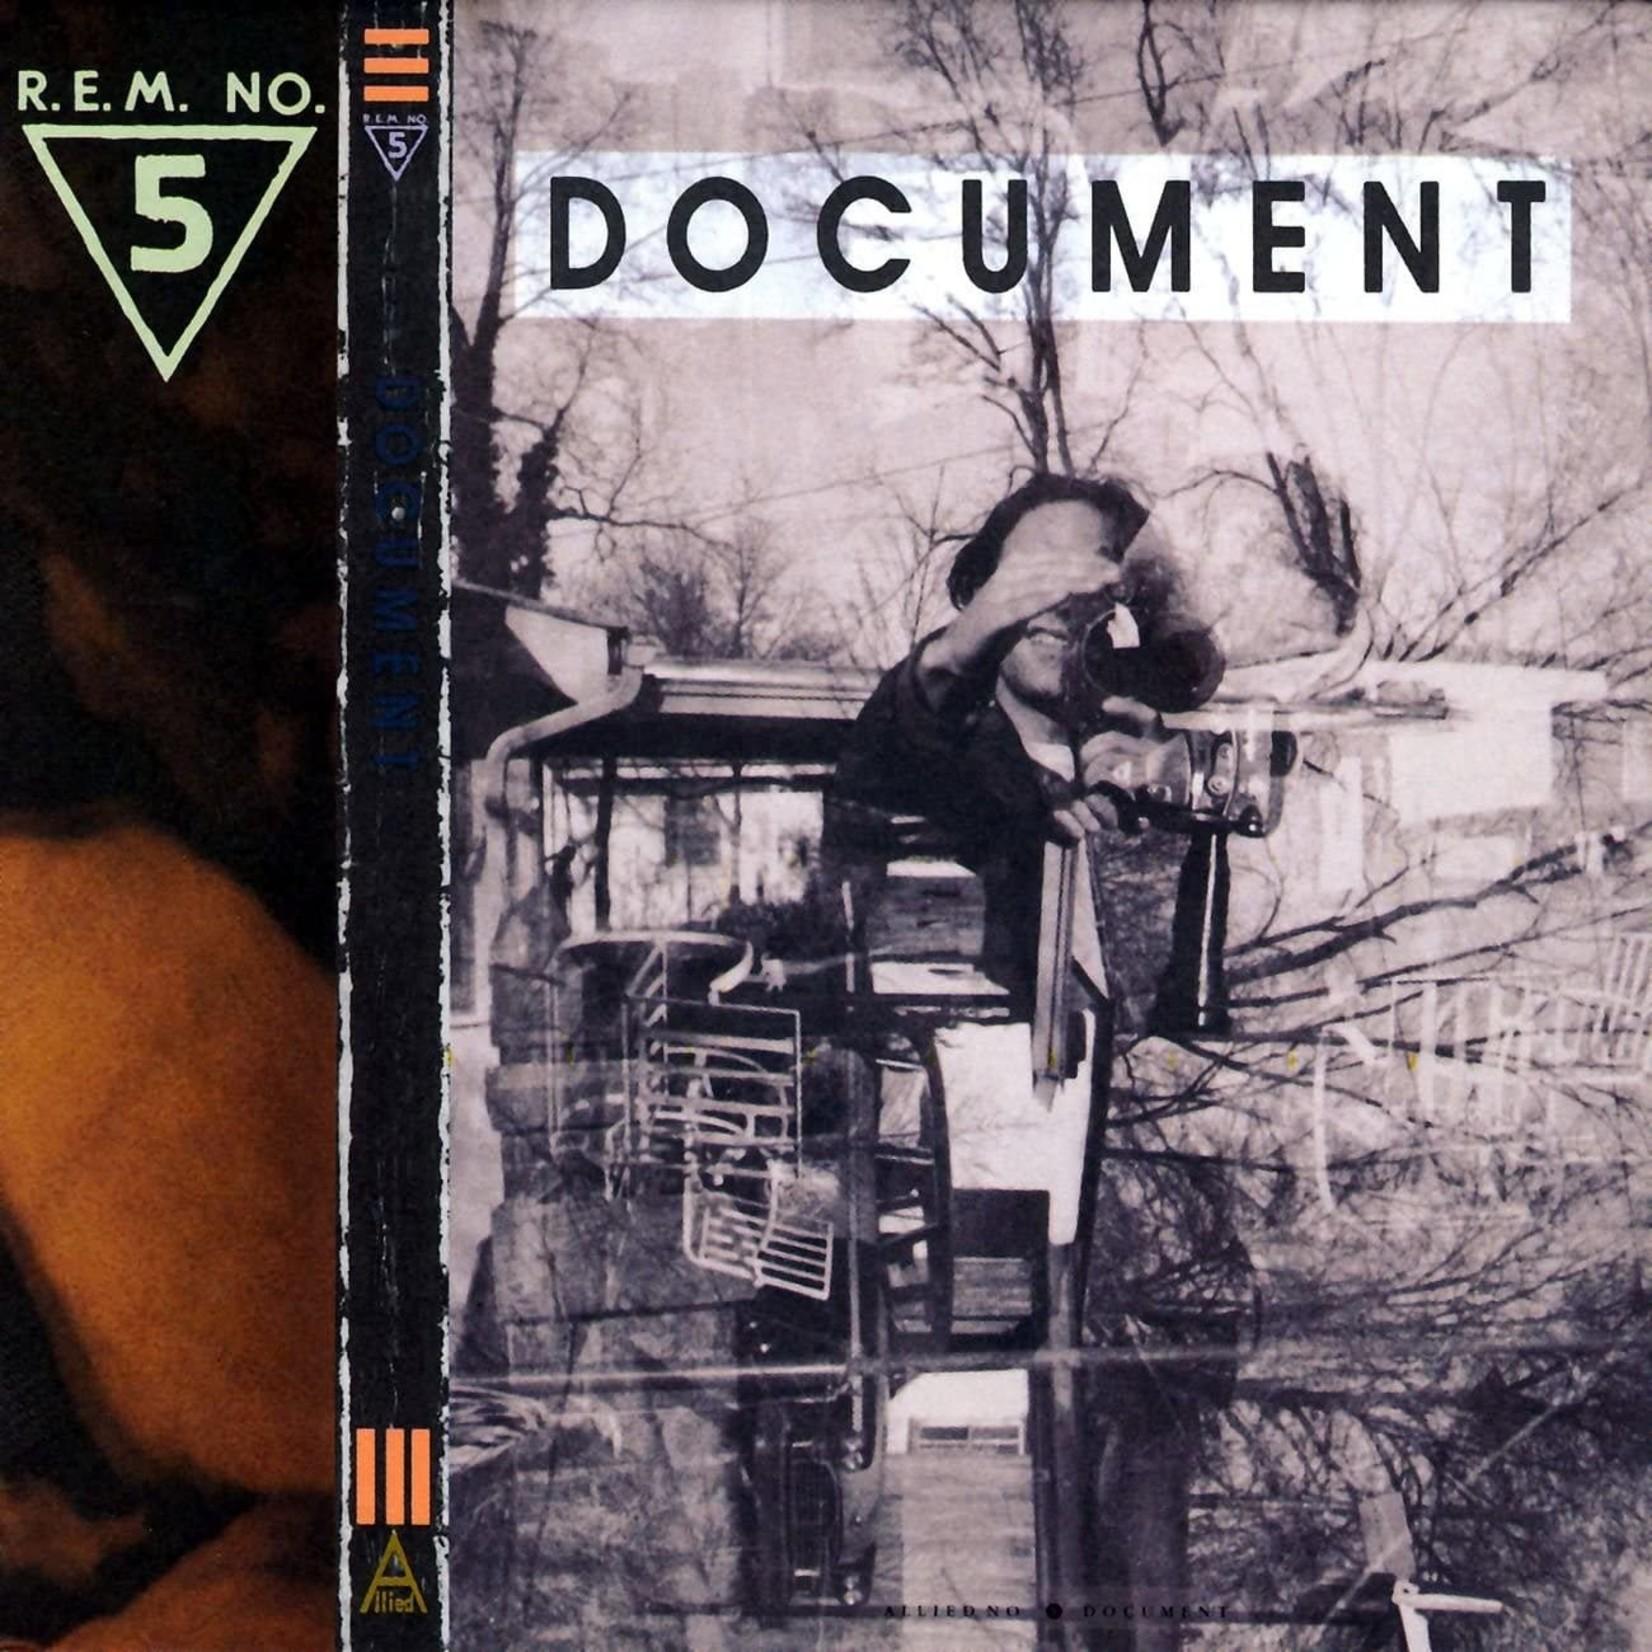 [Vintage] R.E.M.: Document